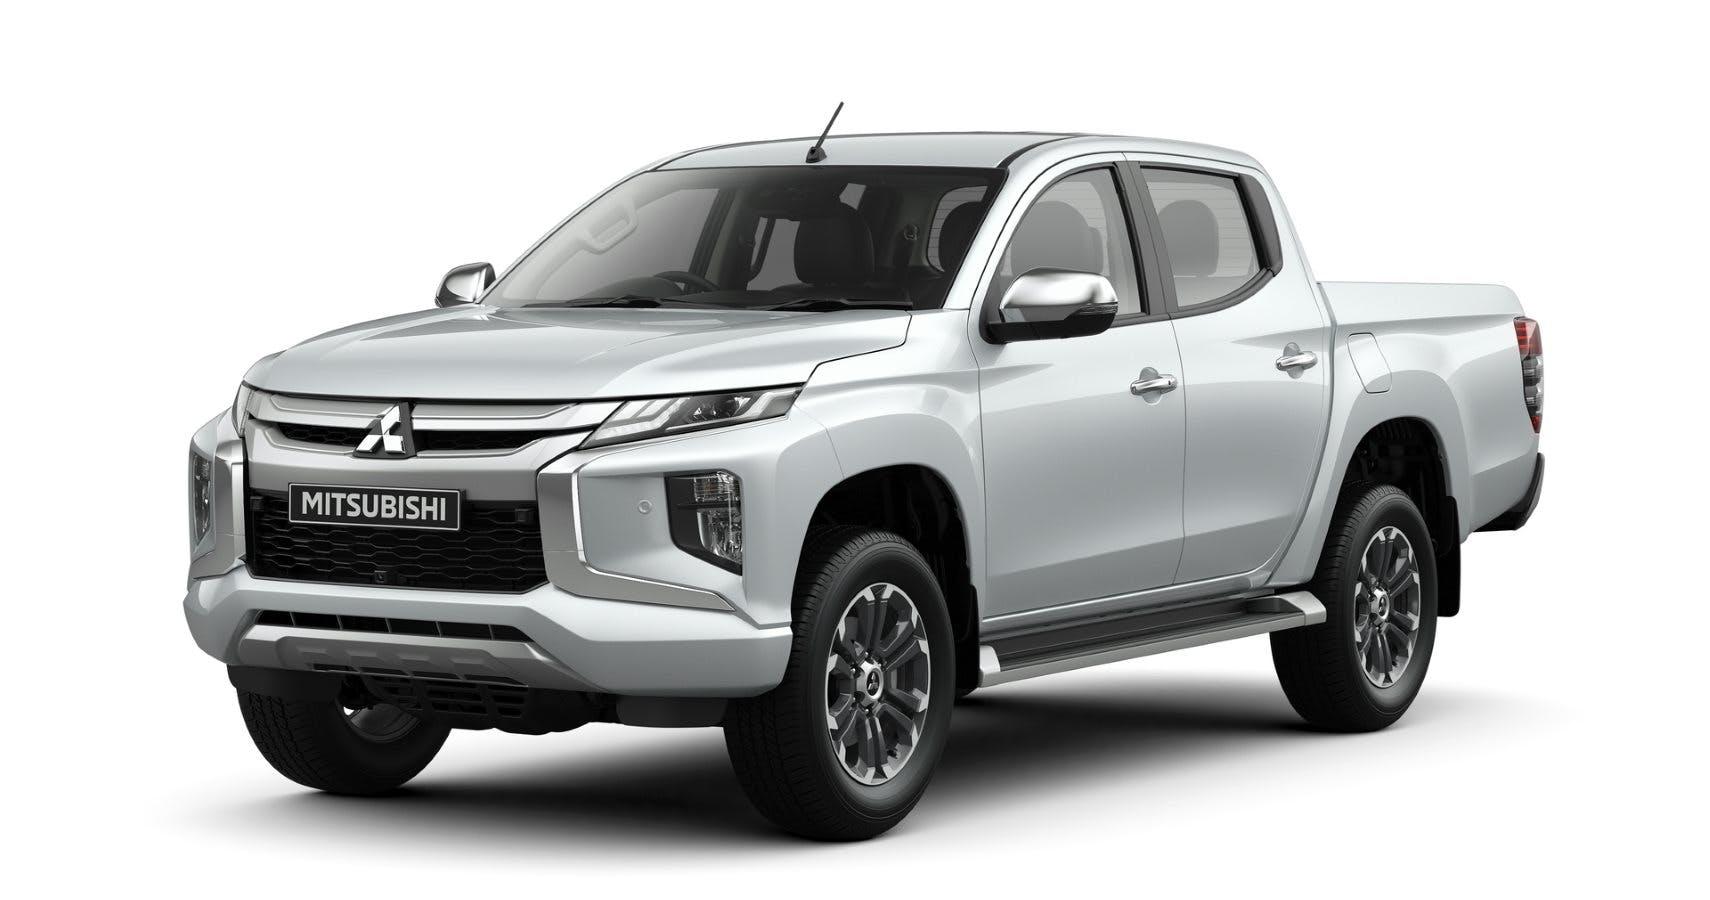 co-khac-phuc-duoc-loi-dieu-hoa-tren-xe-triton-2020-khong